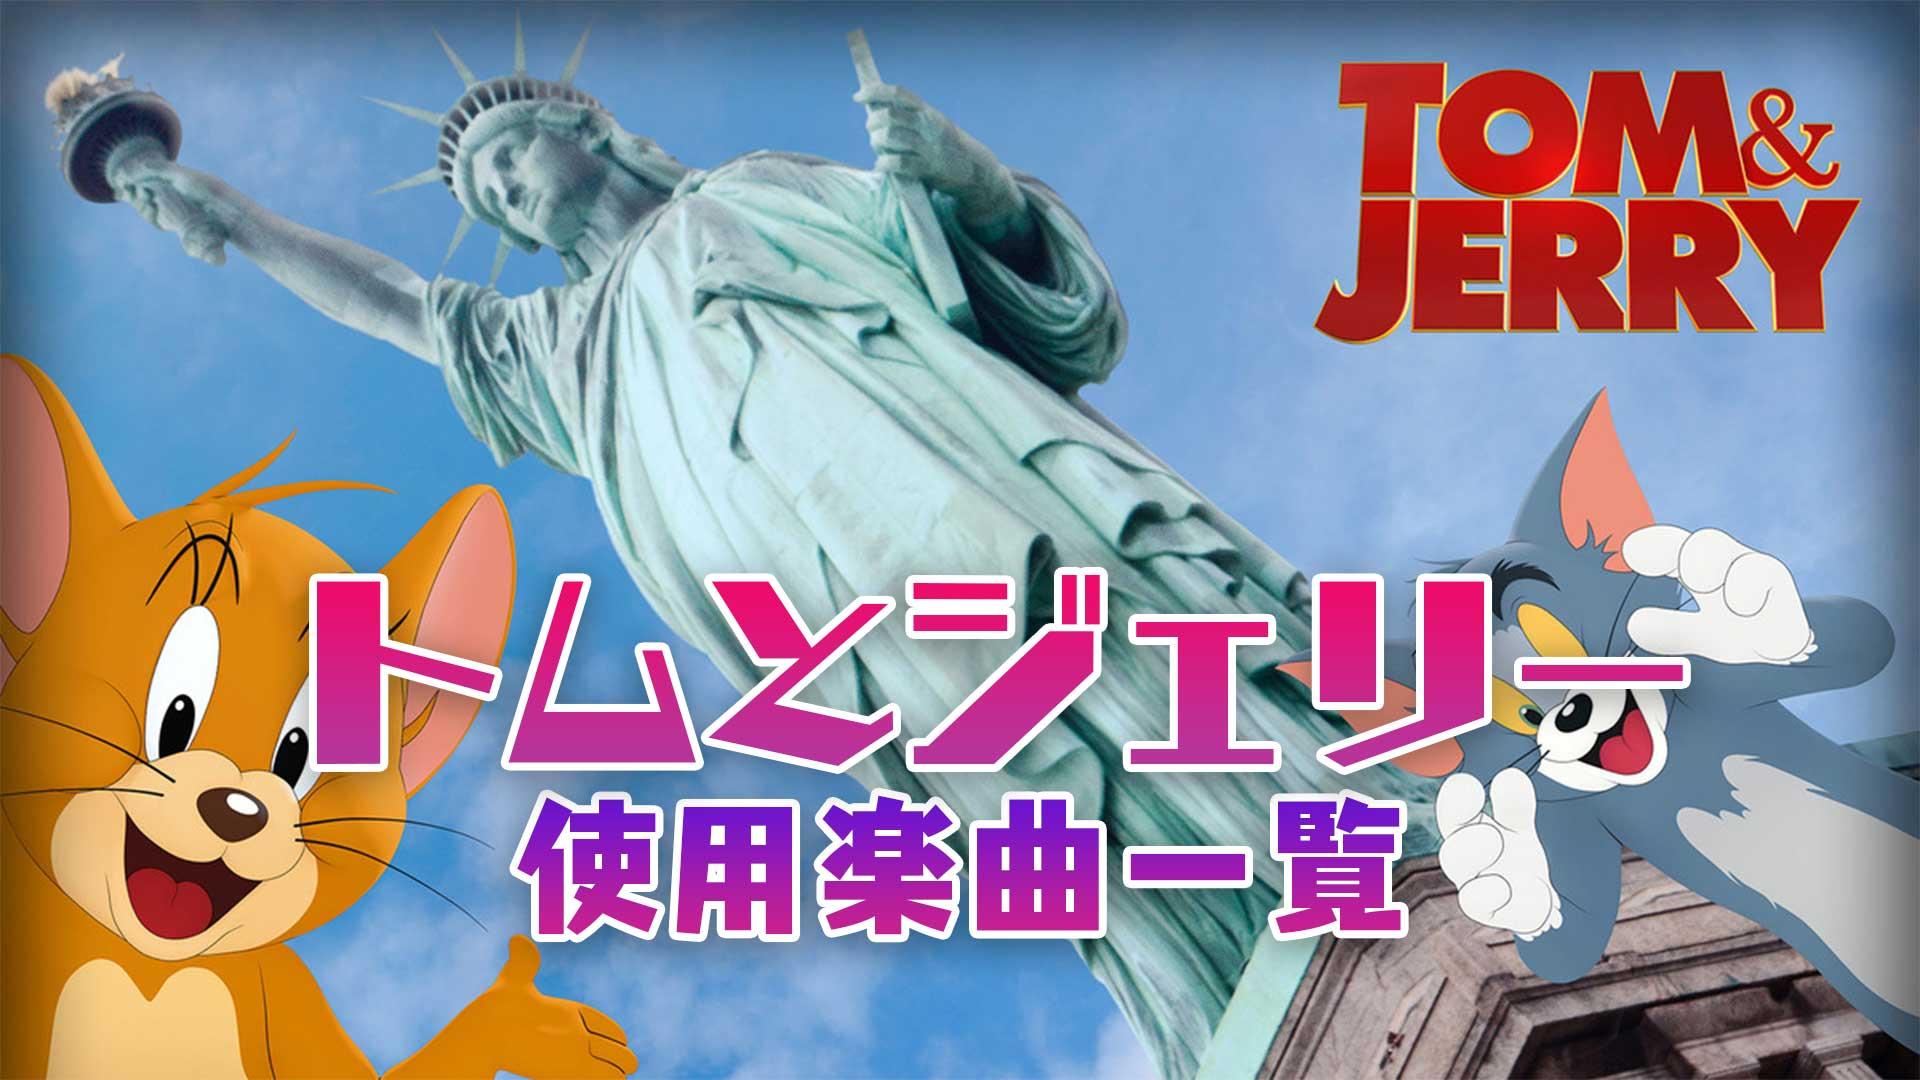 映画『トムとジェリー』で使われている曲・主題歌まとめ!